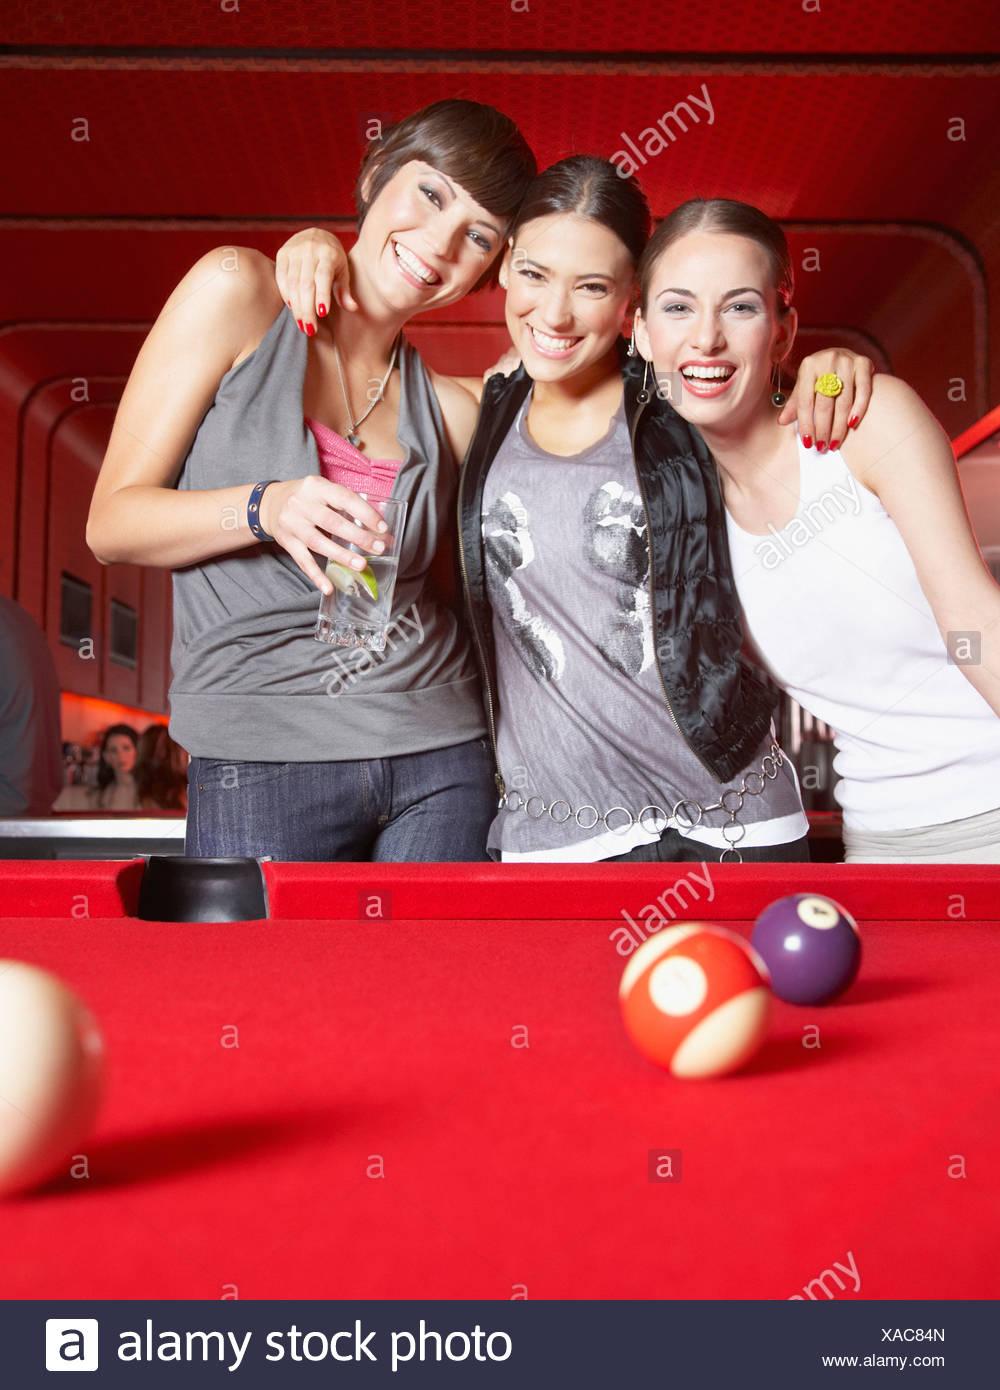 Tre donne in piedi da tavolo da biliardo sorridente Immagini Stock